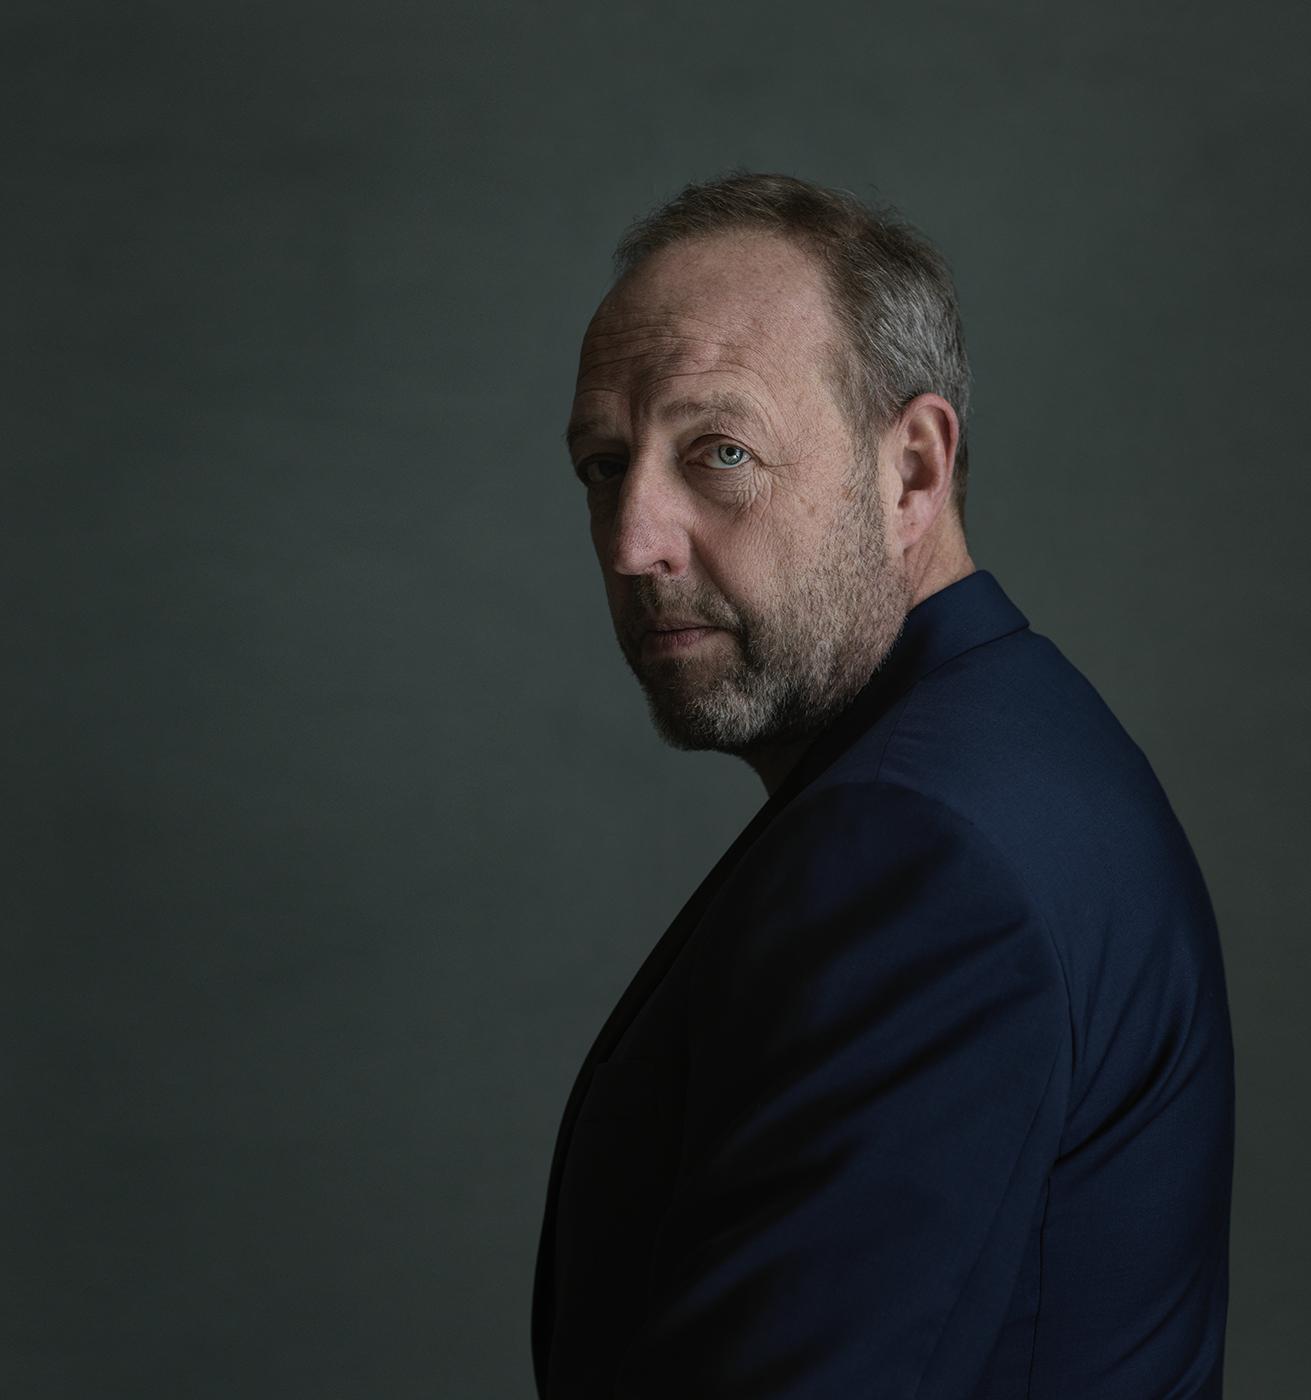 portret, portrait, portrait of Harry Piekema, Susanne Middelberg, actor, Schauspieler